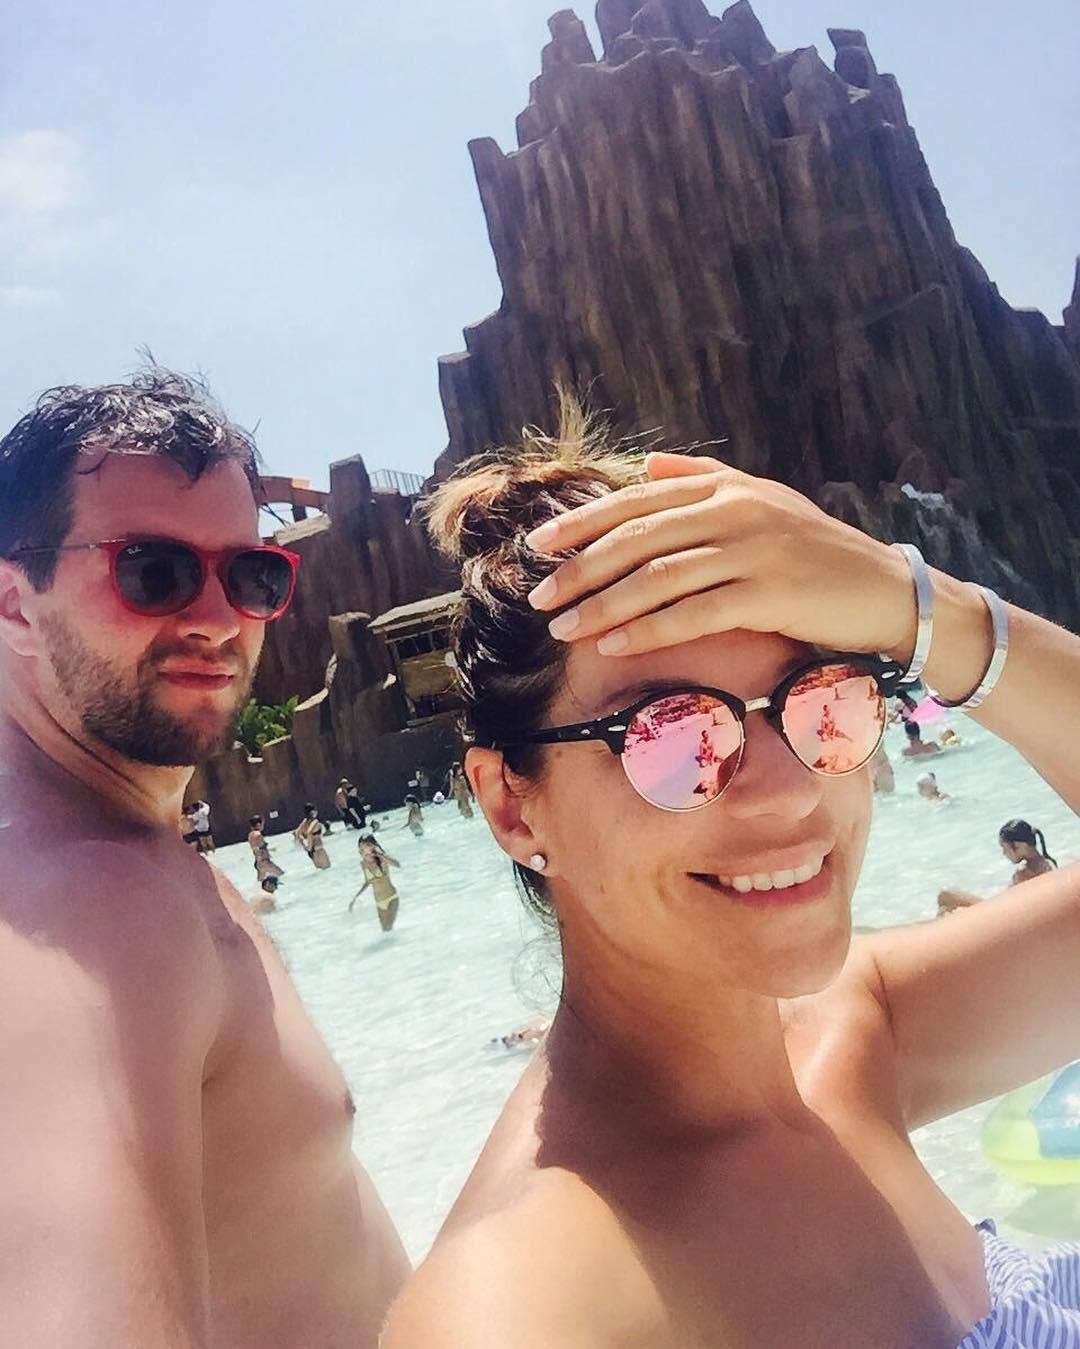 Екатерина Волкова: Отпуск 2017, мы будем скучать. Москва, привет!